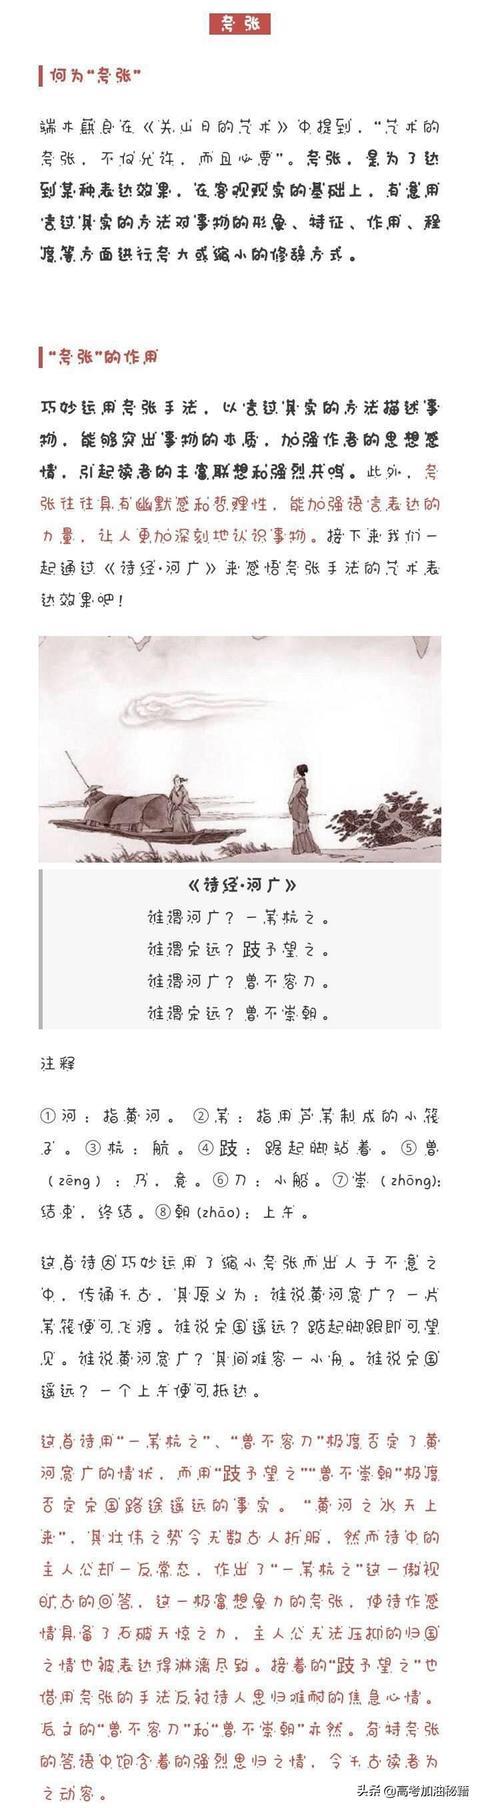 盗墓笔记杨洋图片